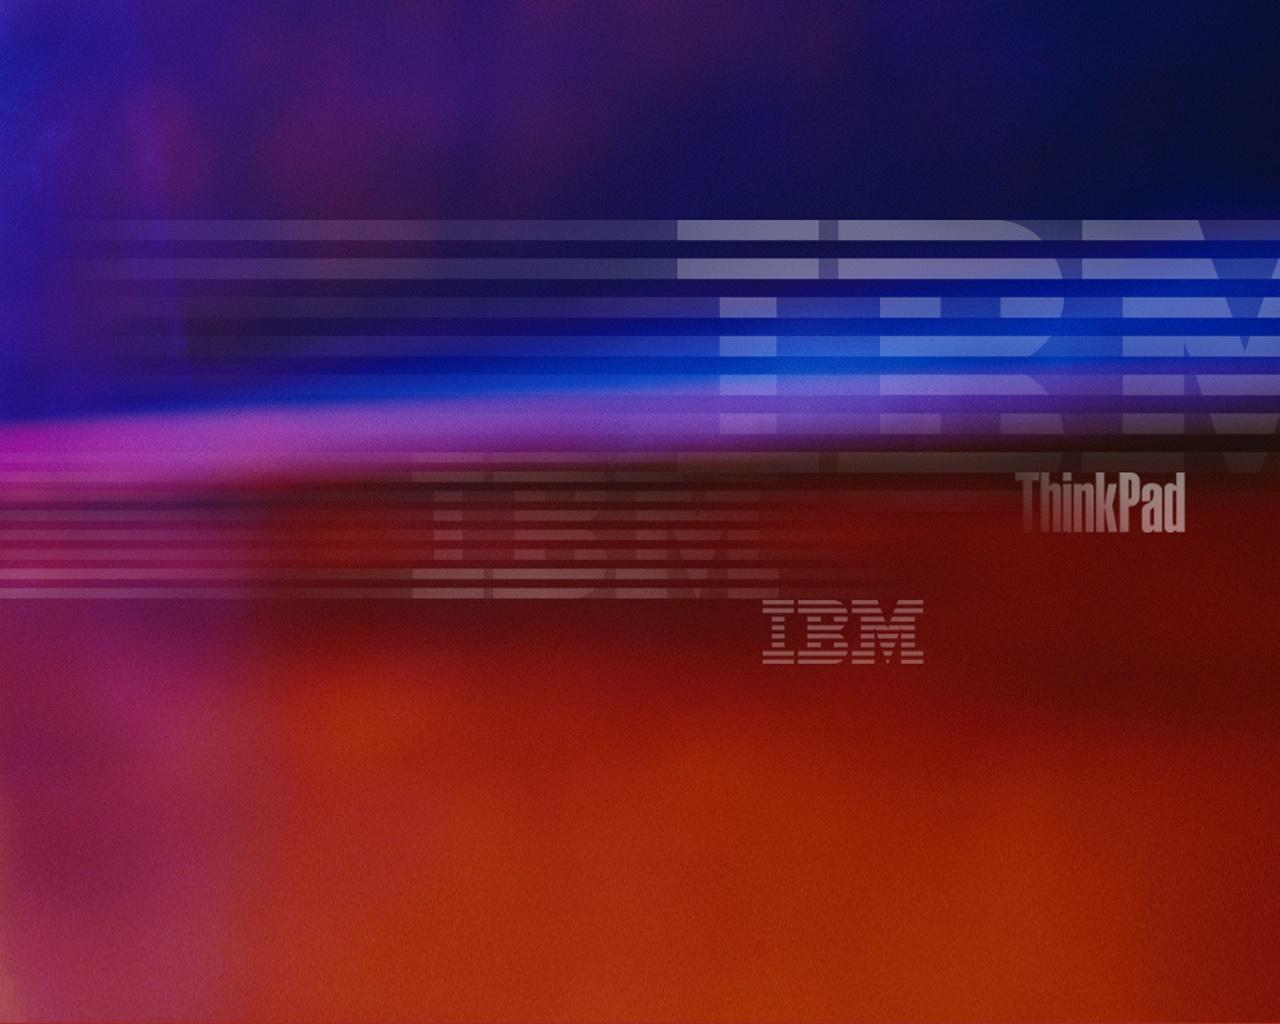 IBM ThinkPad wallpapers IBM ThinkPad stock photos 1280x1024